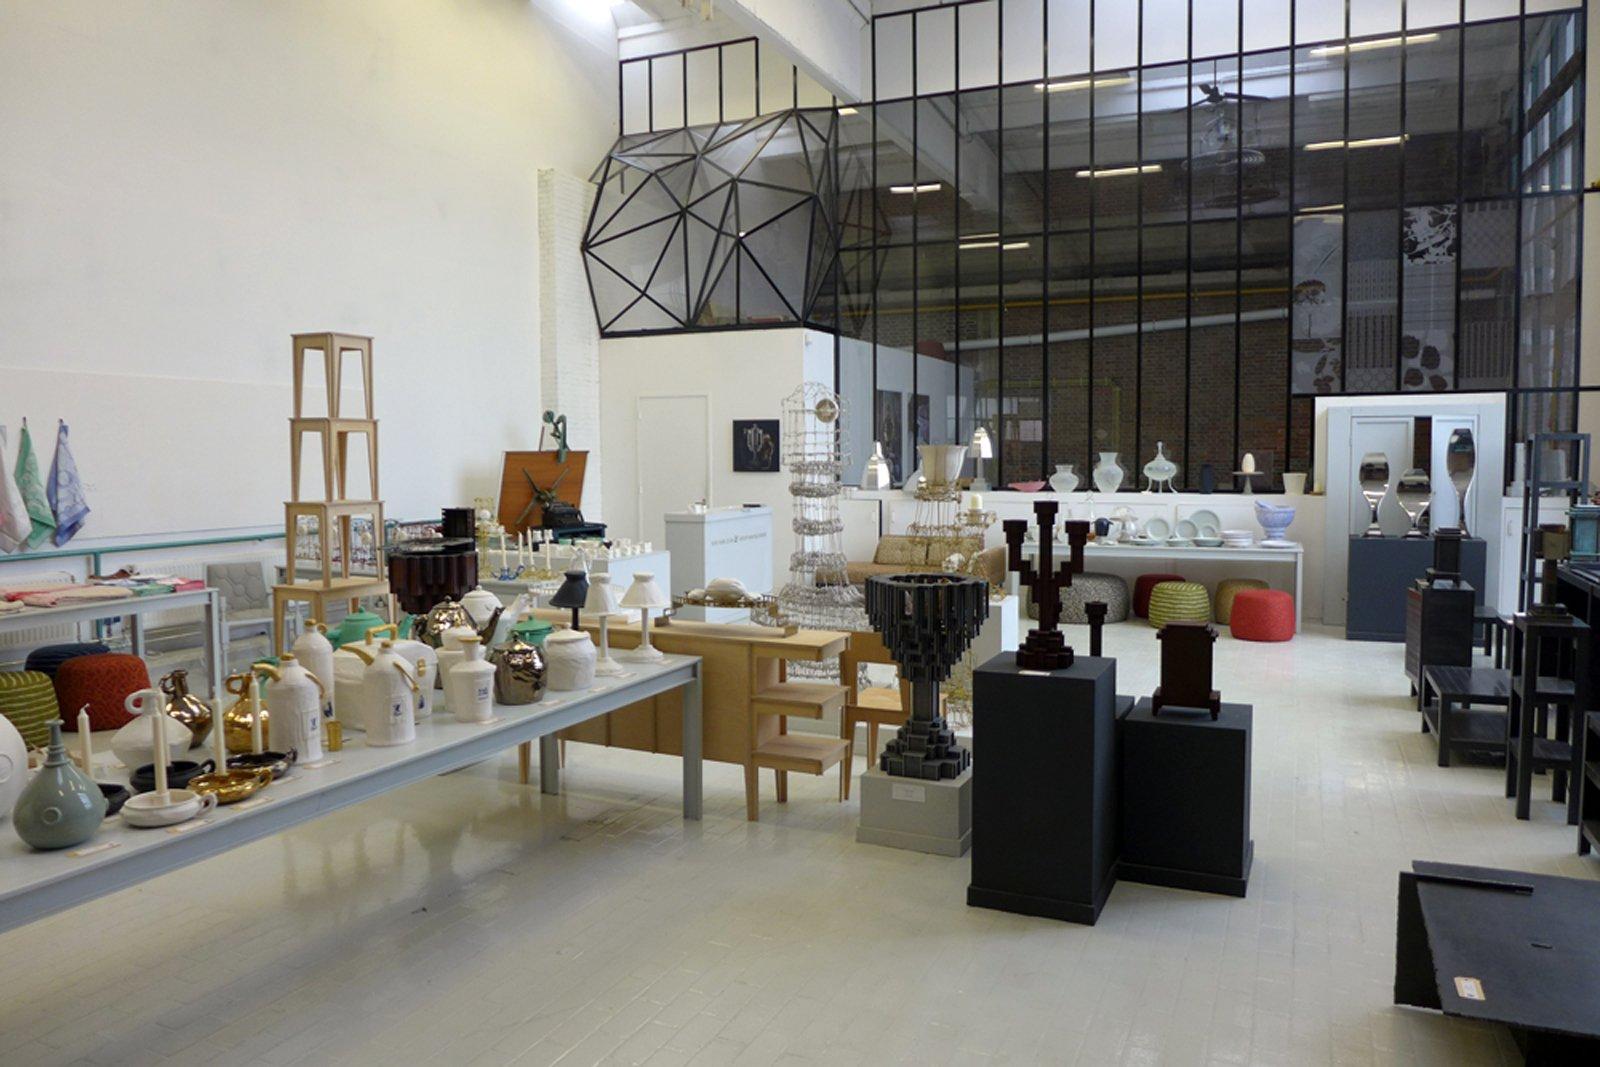 Upper gallery to the studio of Joost van Bleiswijk and Kiki van Eijk, where items on display can purchased.  Dutch Design Week 2012, Pt. 2 by Maarten Dinger